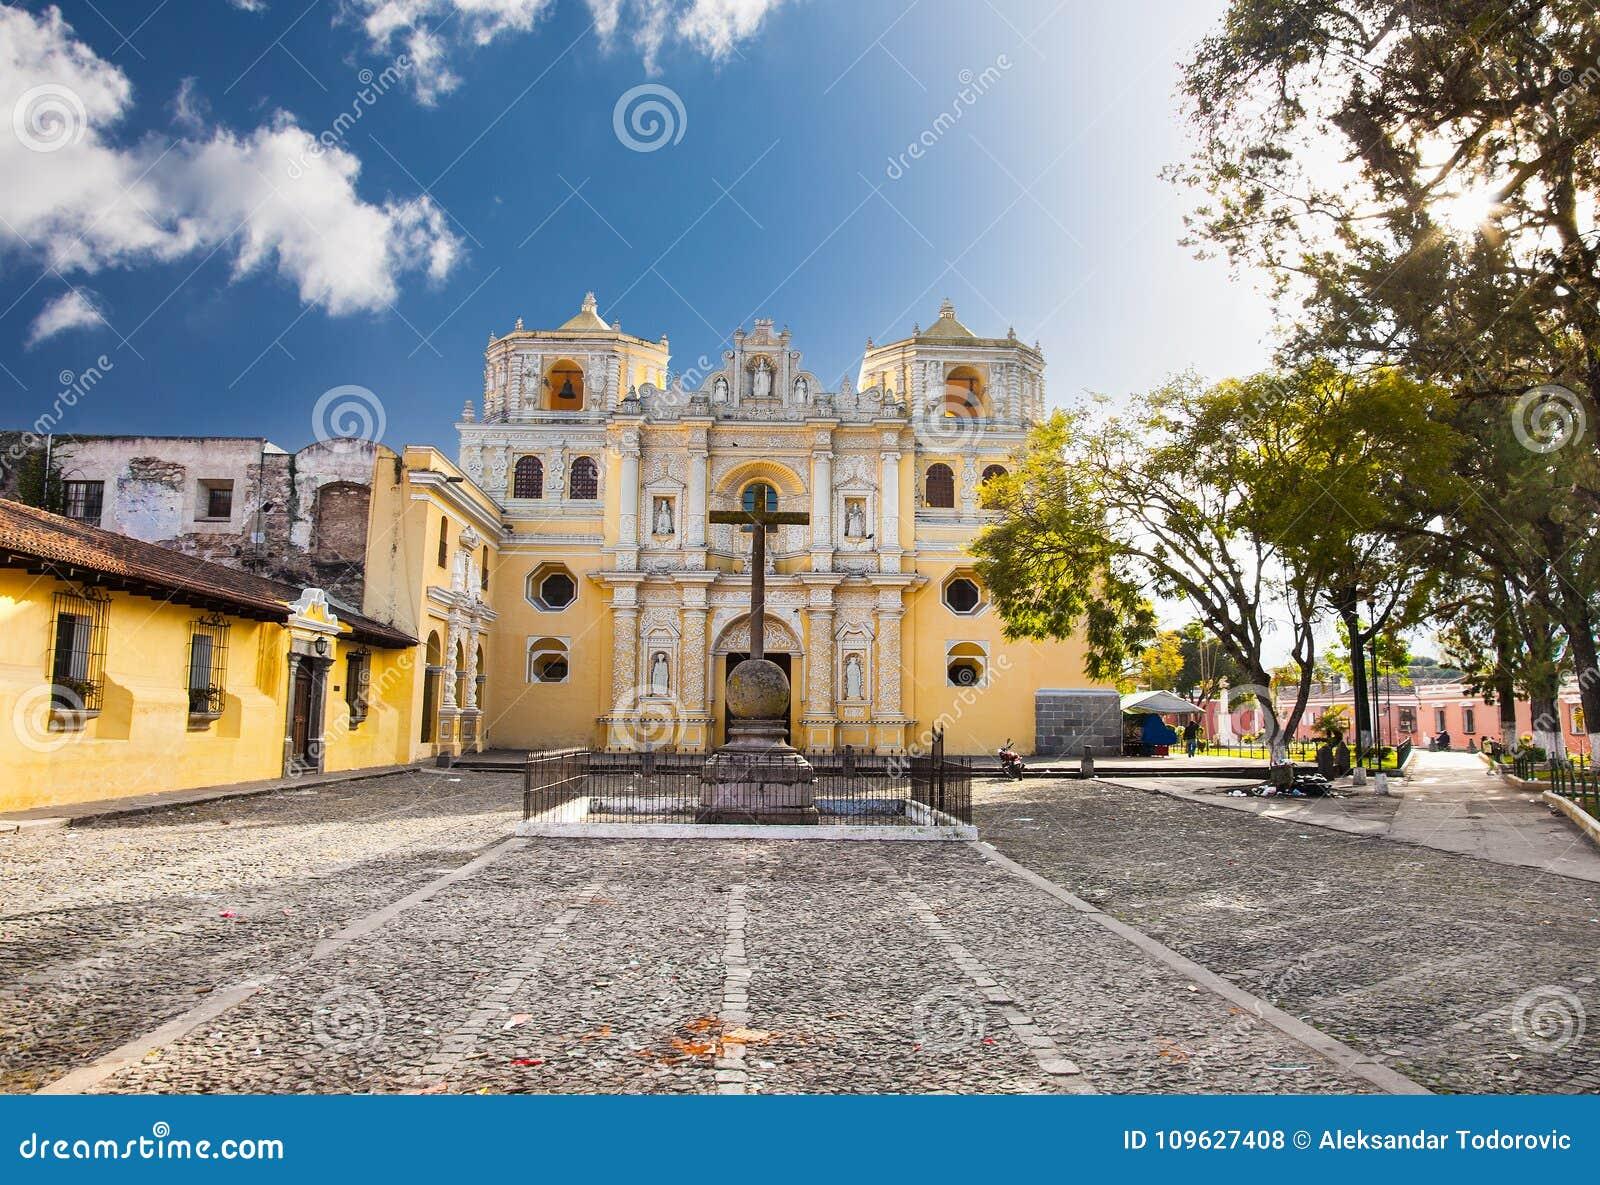 La Merced church in central of Antigua, Guatemala.